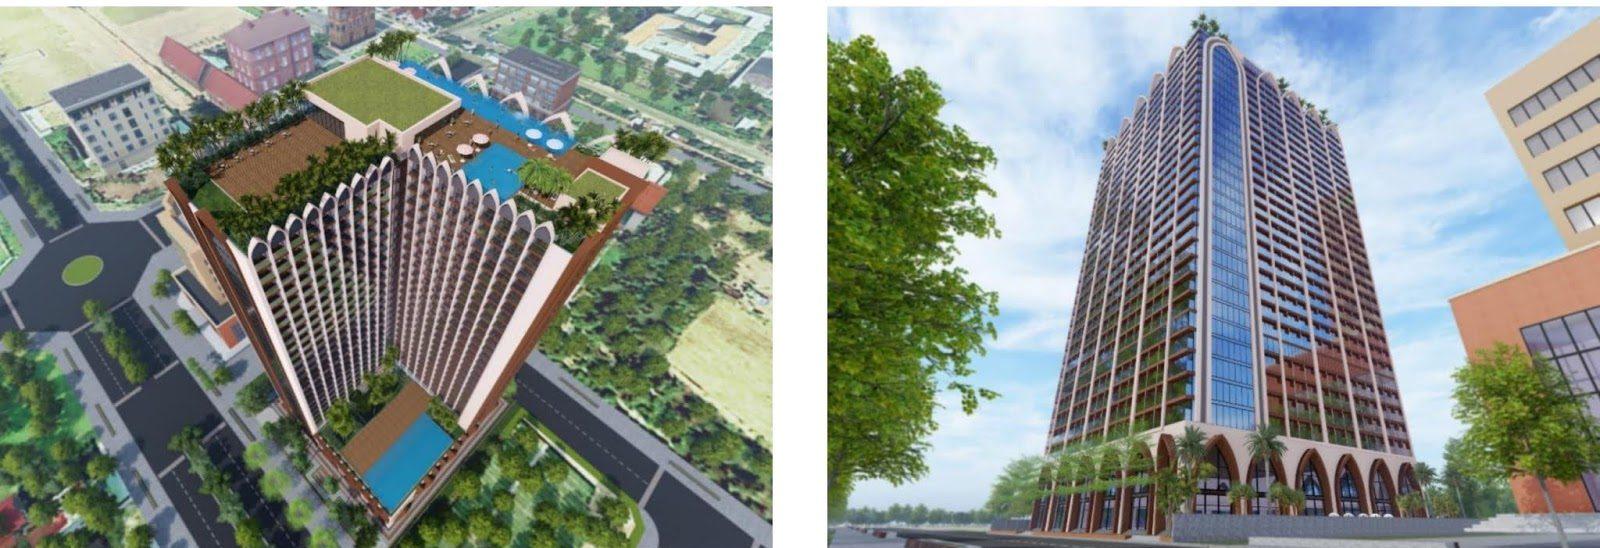 Dự án căn hộ khách sạn Apec Mandala Wyndham Garden Phú Yên